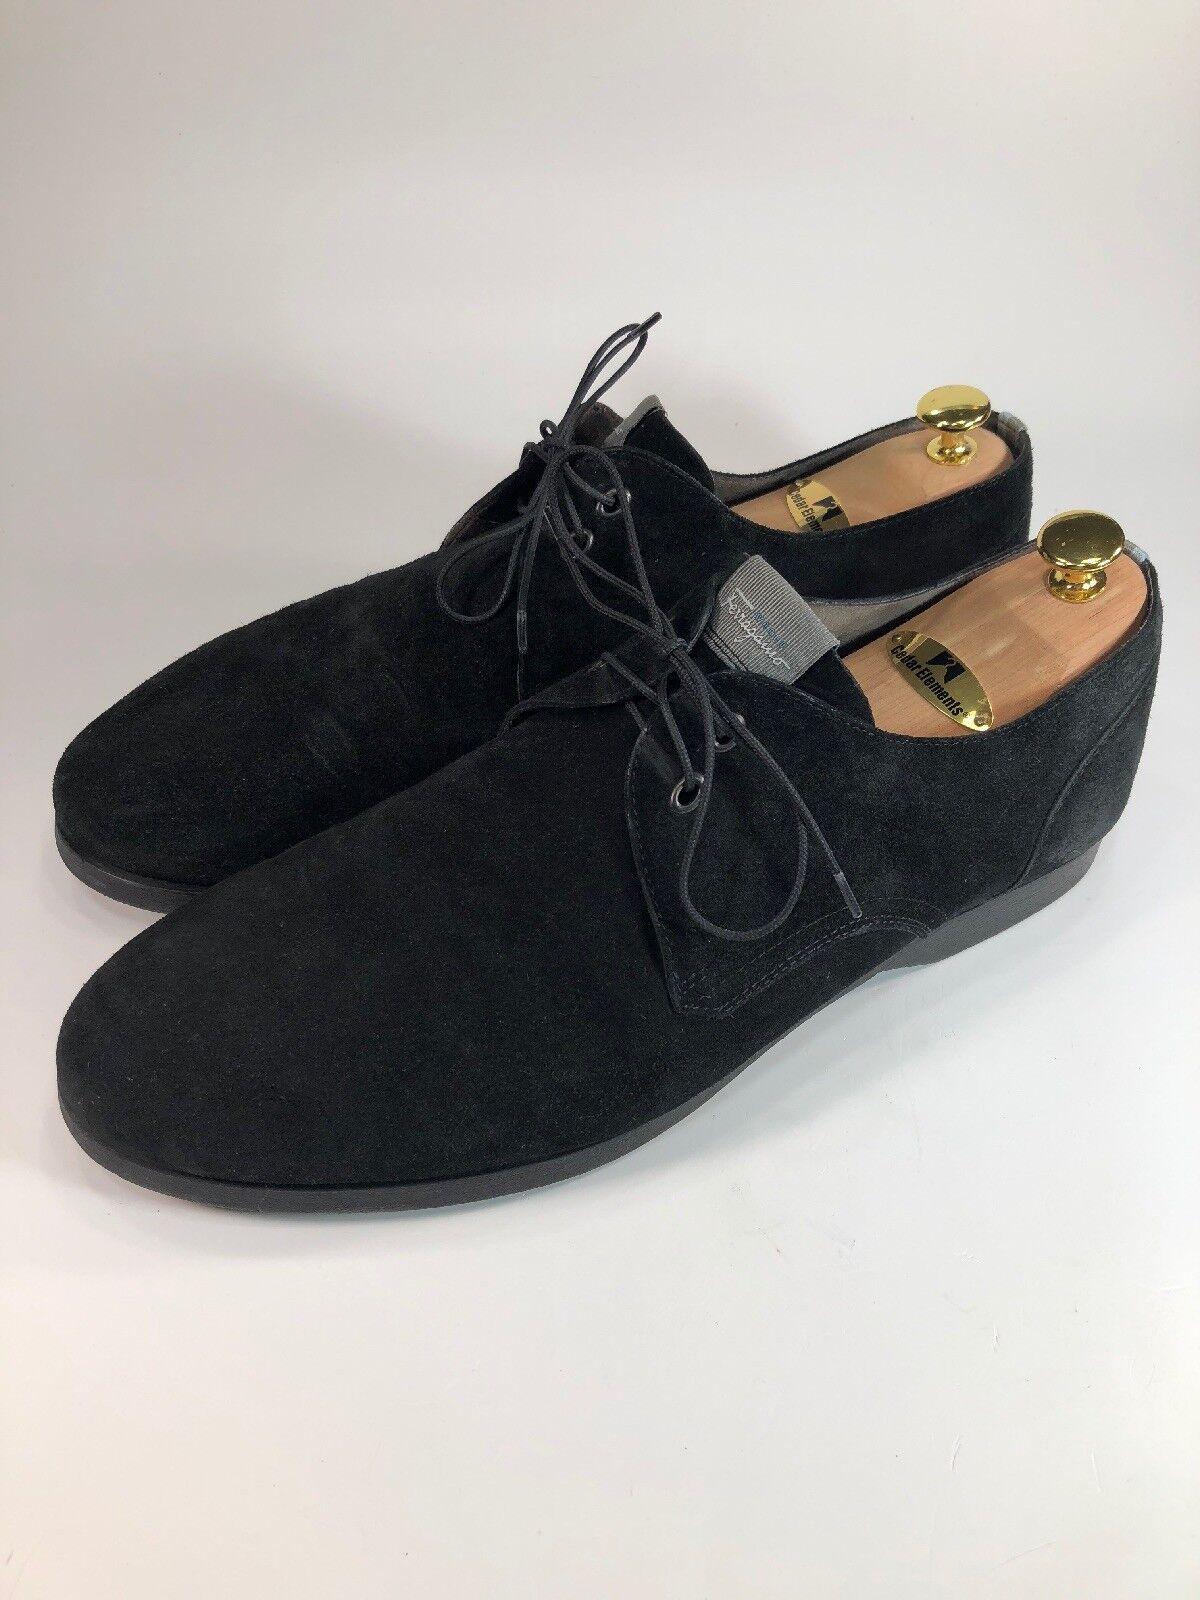 Salvatore Ferragamo 695   en daim noir en cuir à lacets chaussures Oxford pour Homme Taille 13 M